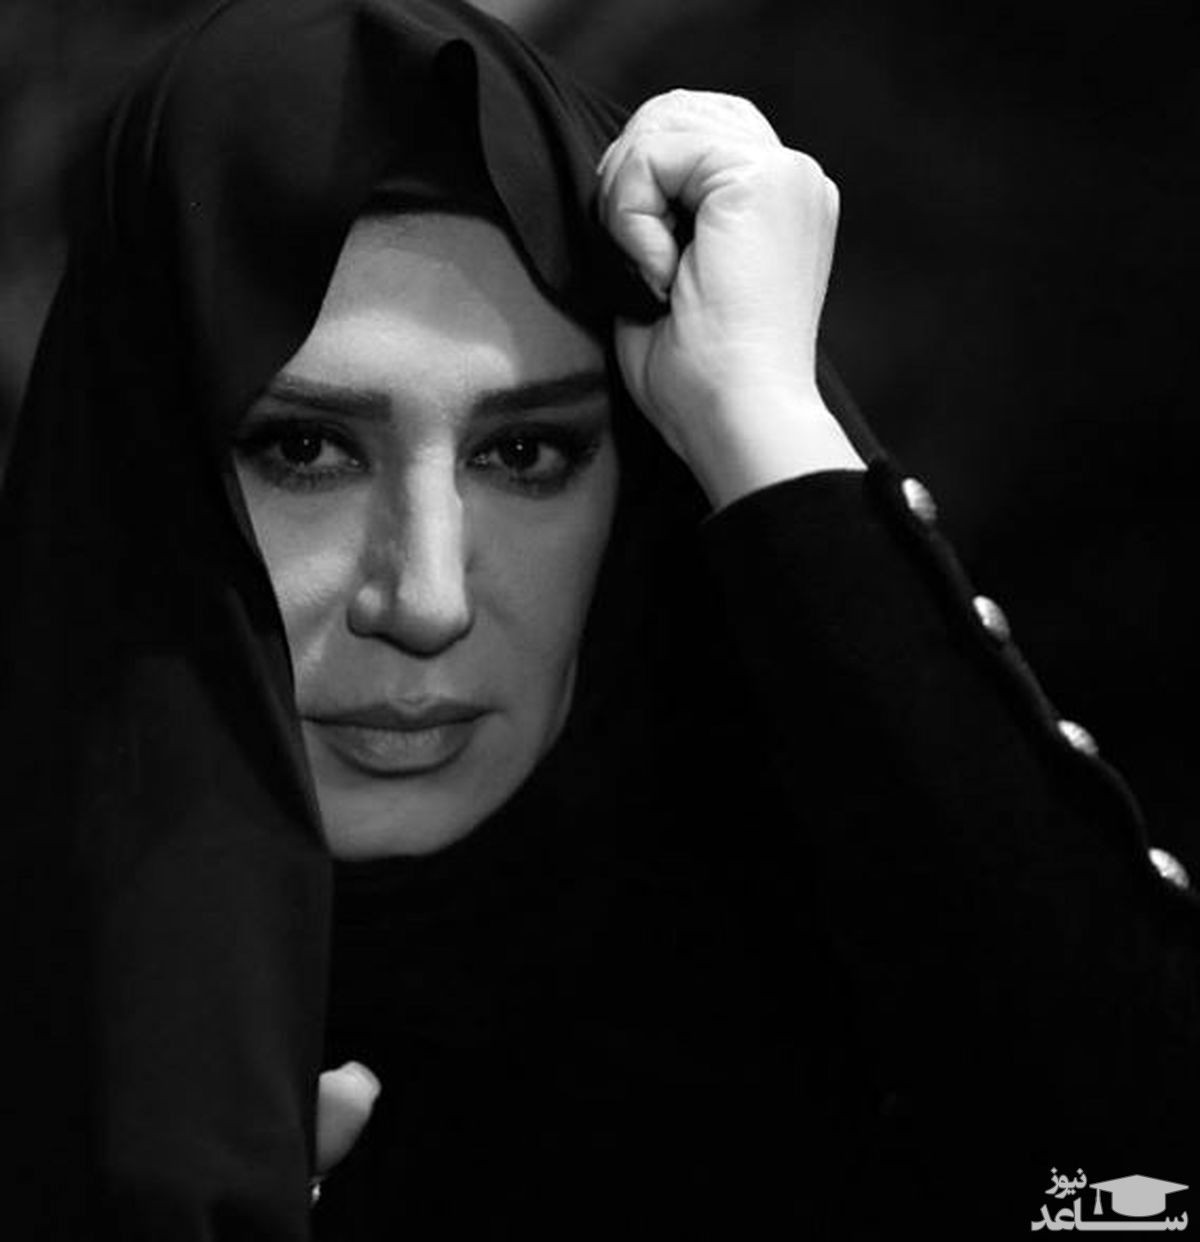 عاشقانه نسیم ادبی در فراق همسرش